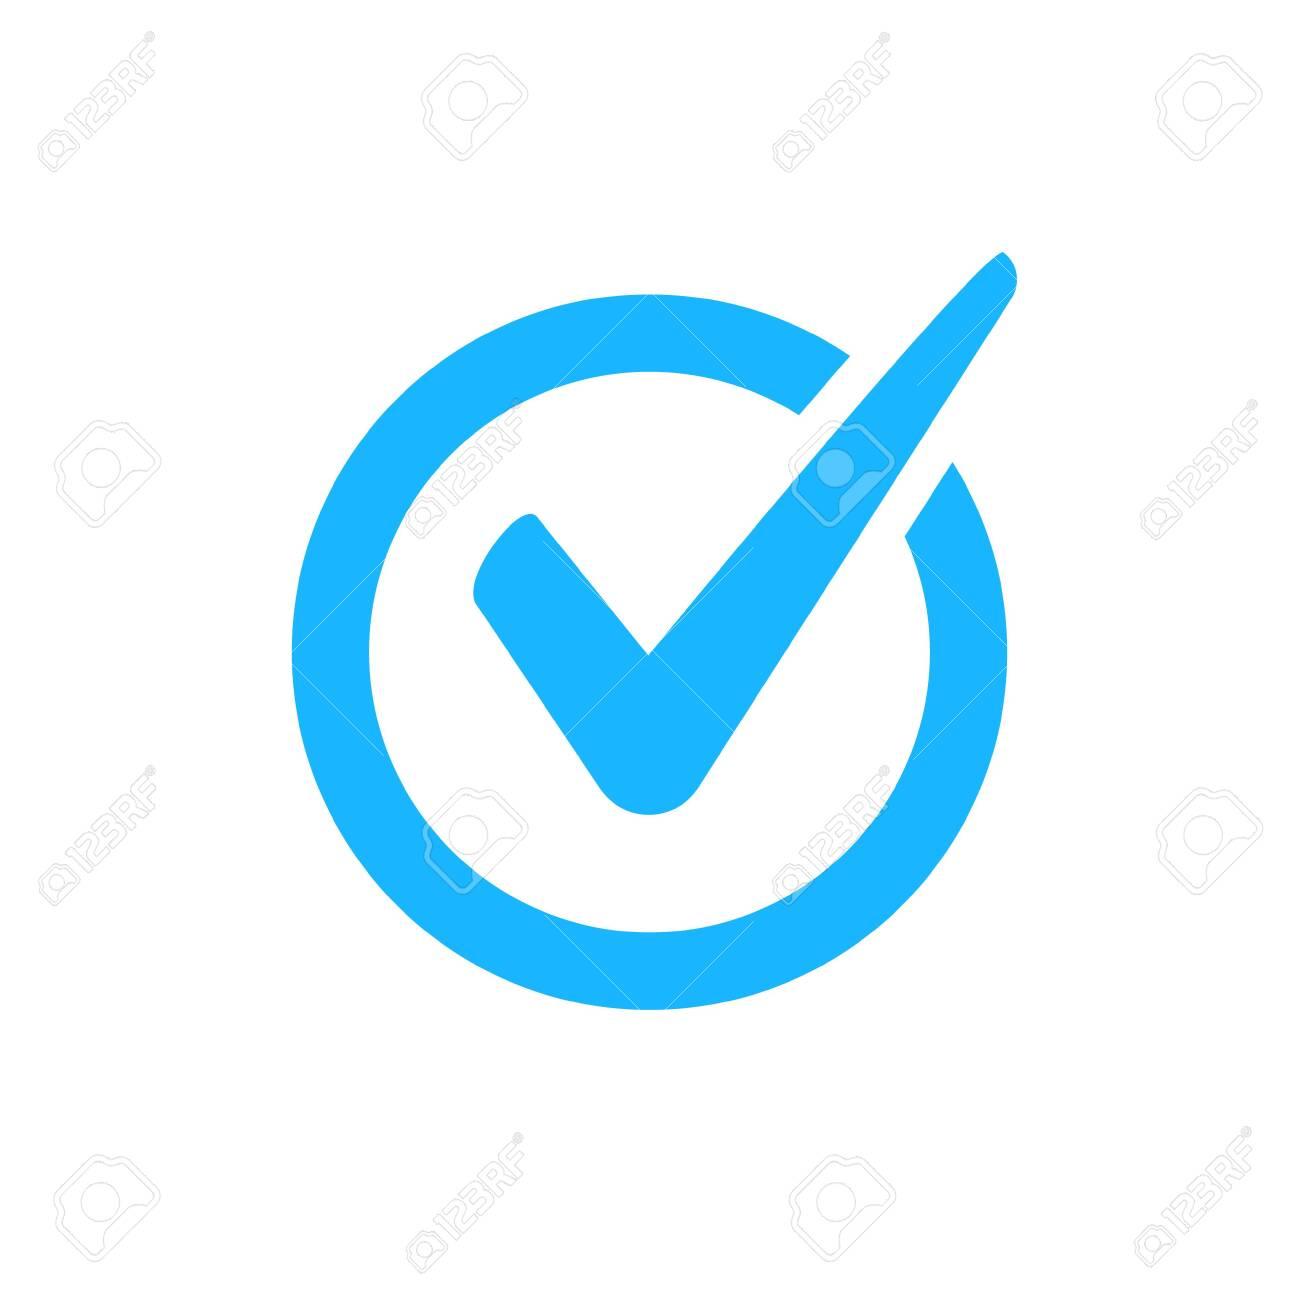 Check mark vector icon. Checkmark right symbol tick sign. Ok button correct circle icon - 136276718